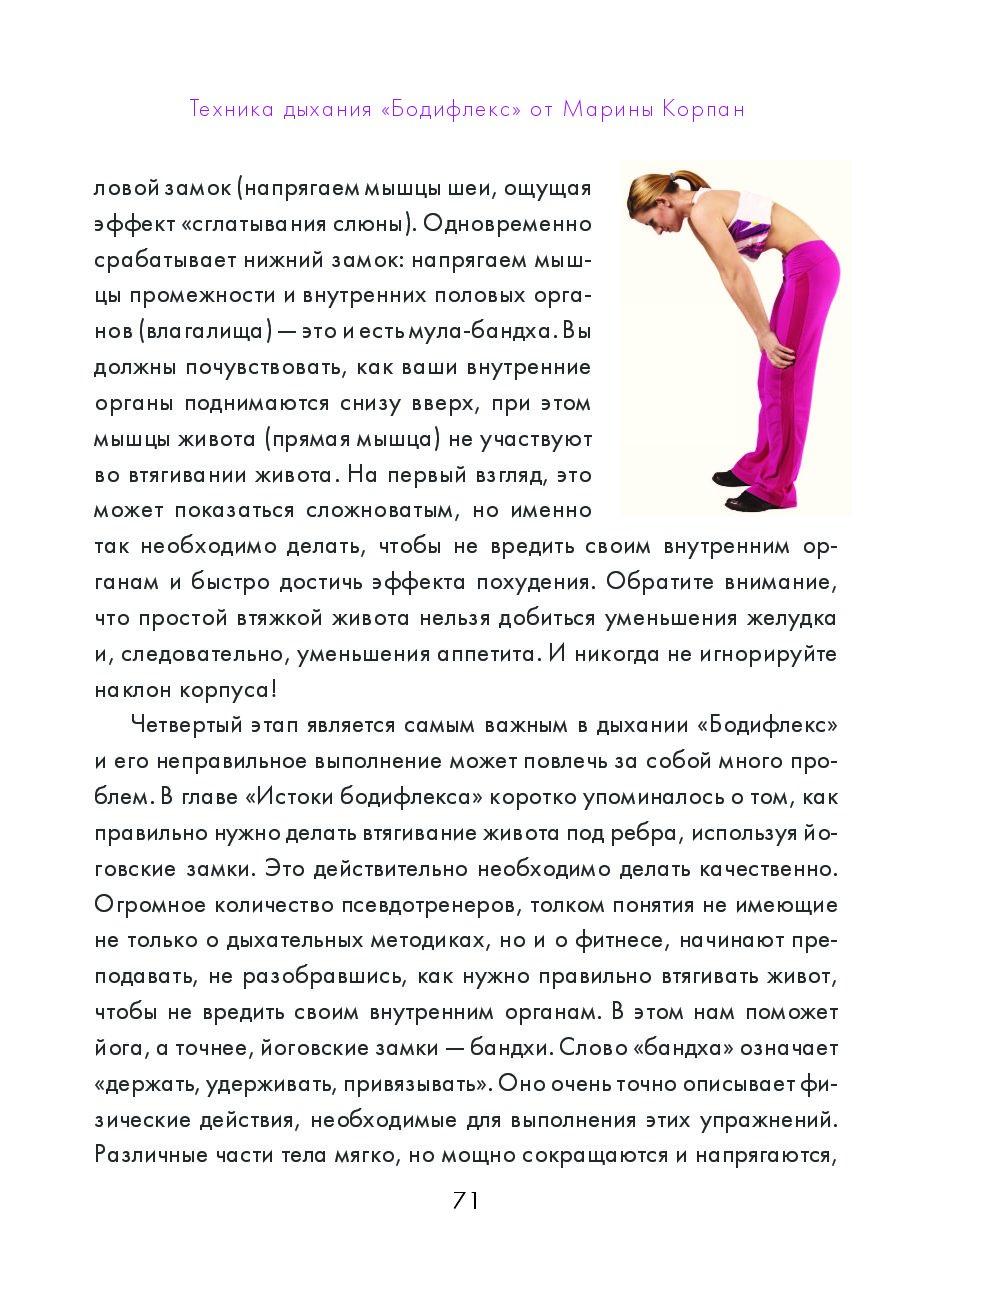 Дыхательная гимнастика для похудения: базовые упражнения, техника выполнения, отзывы